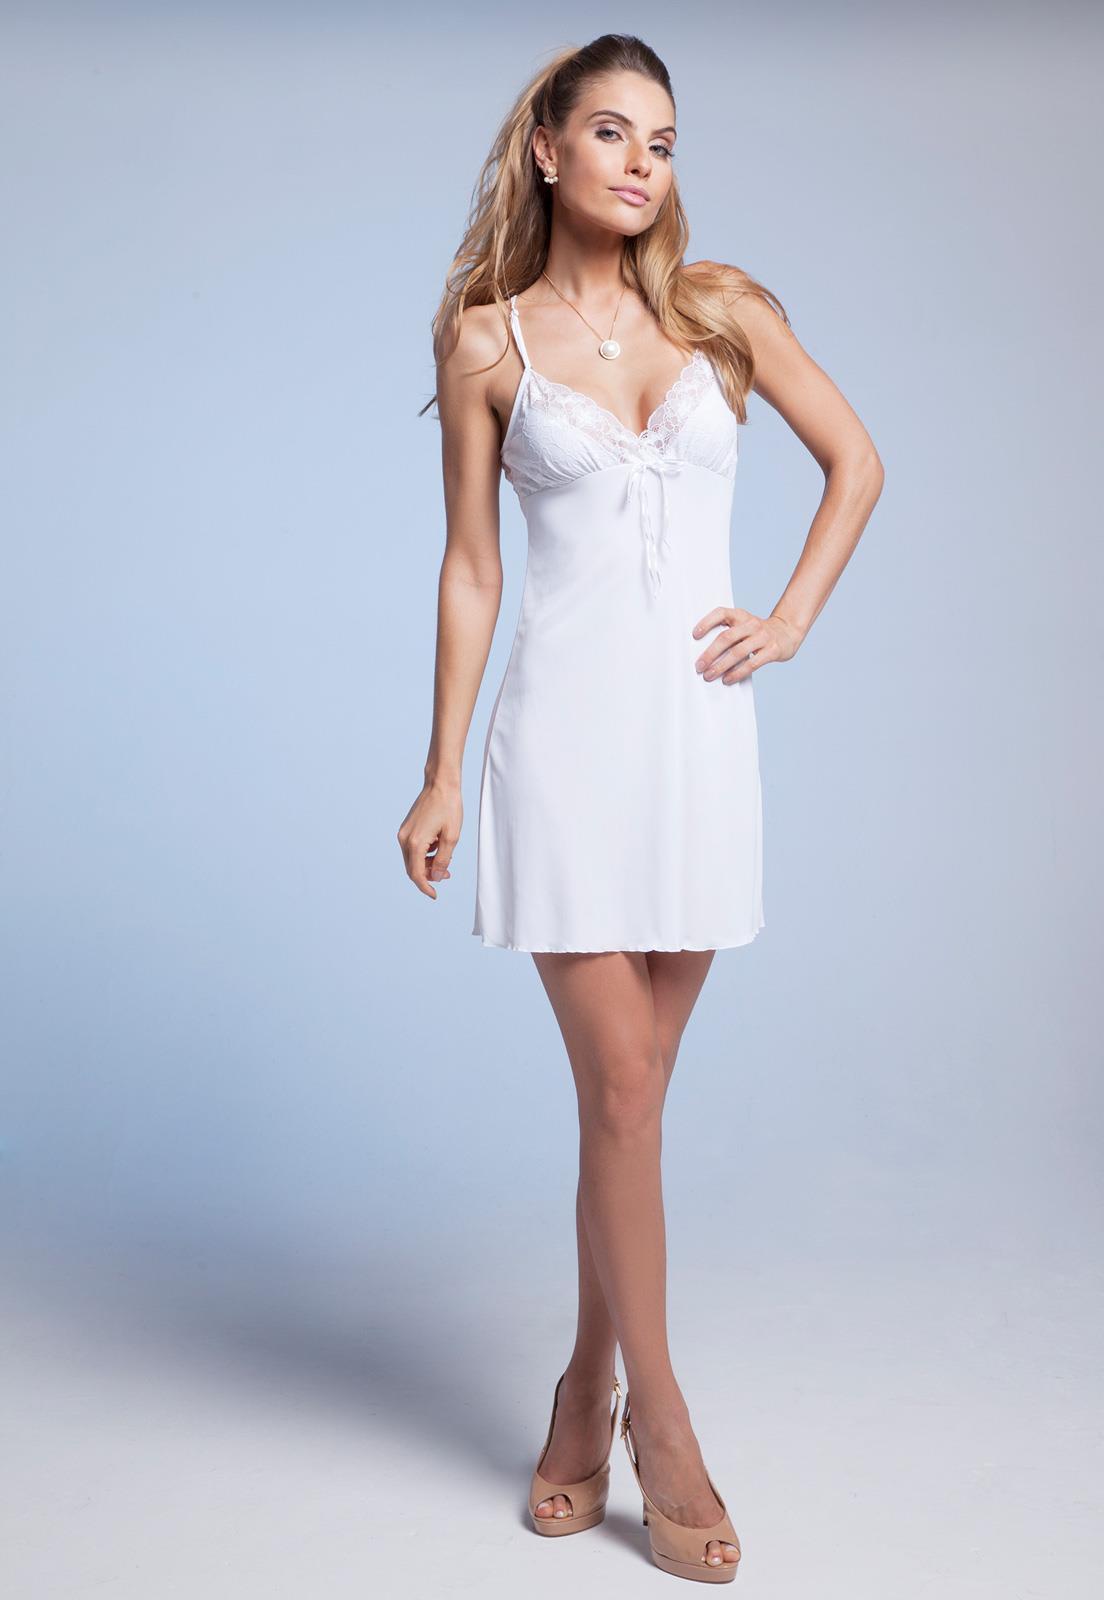 e9b251ccc Camisola Branca para Noivas sem Bojo Darling - Confira Agora!